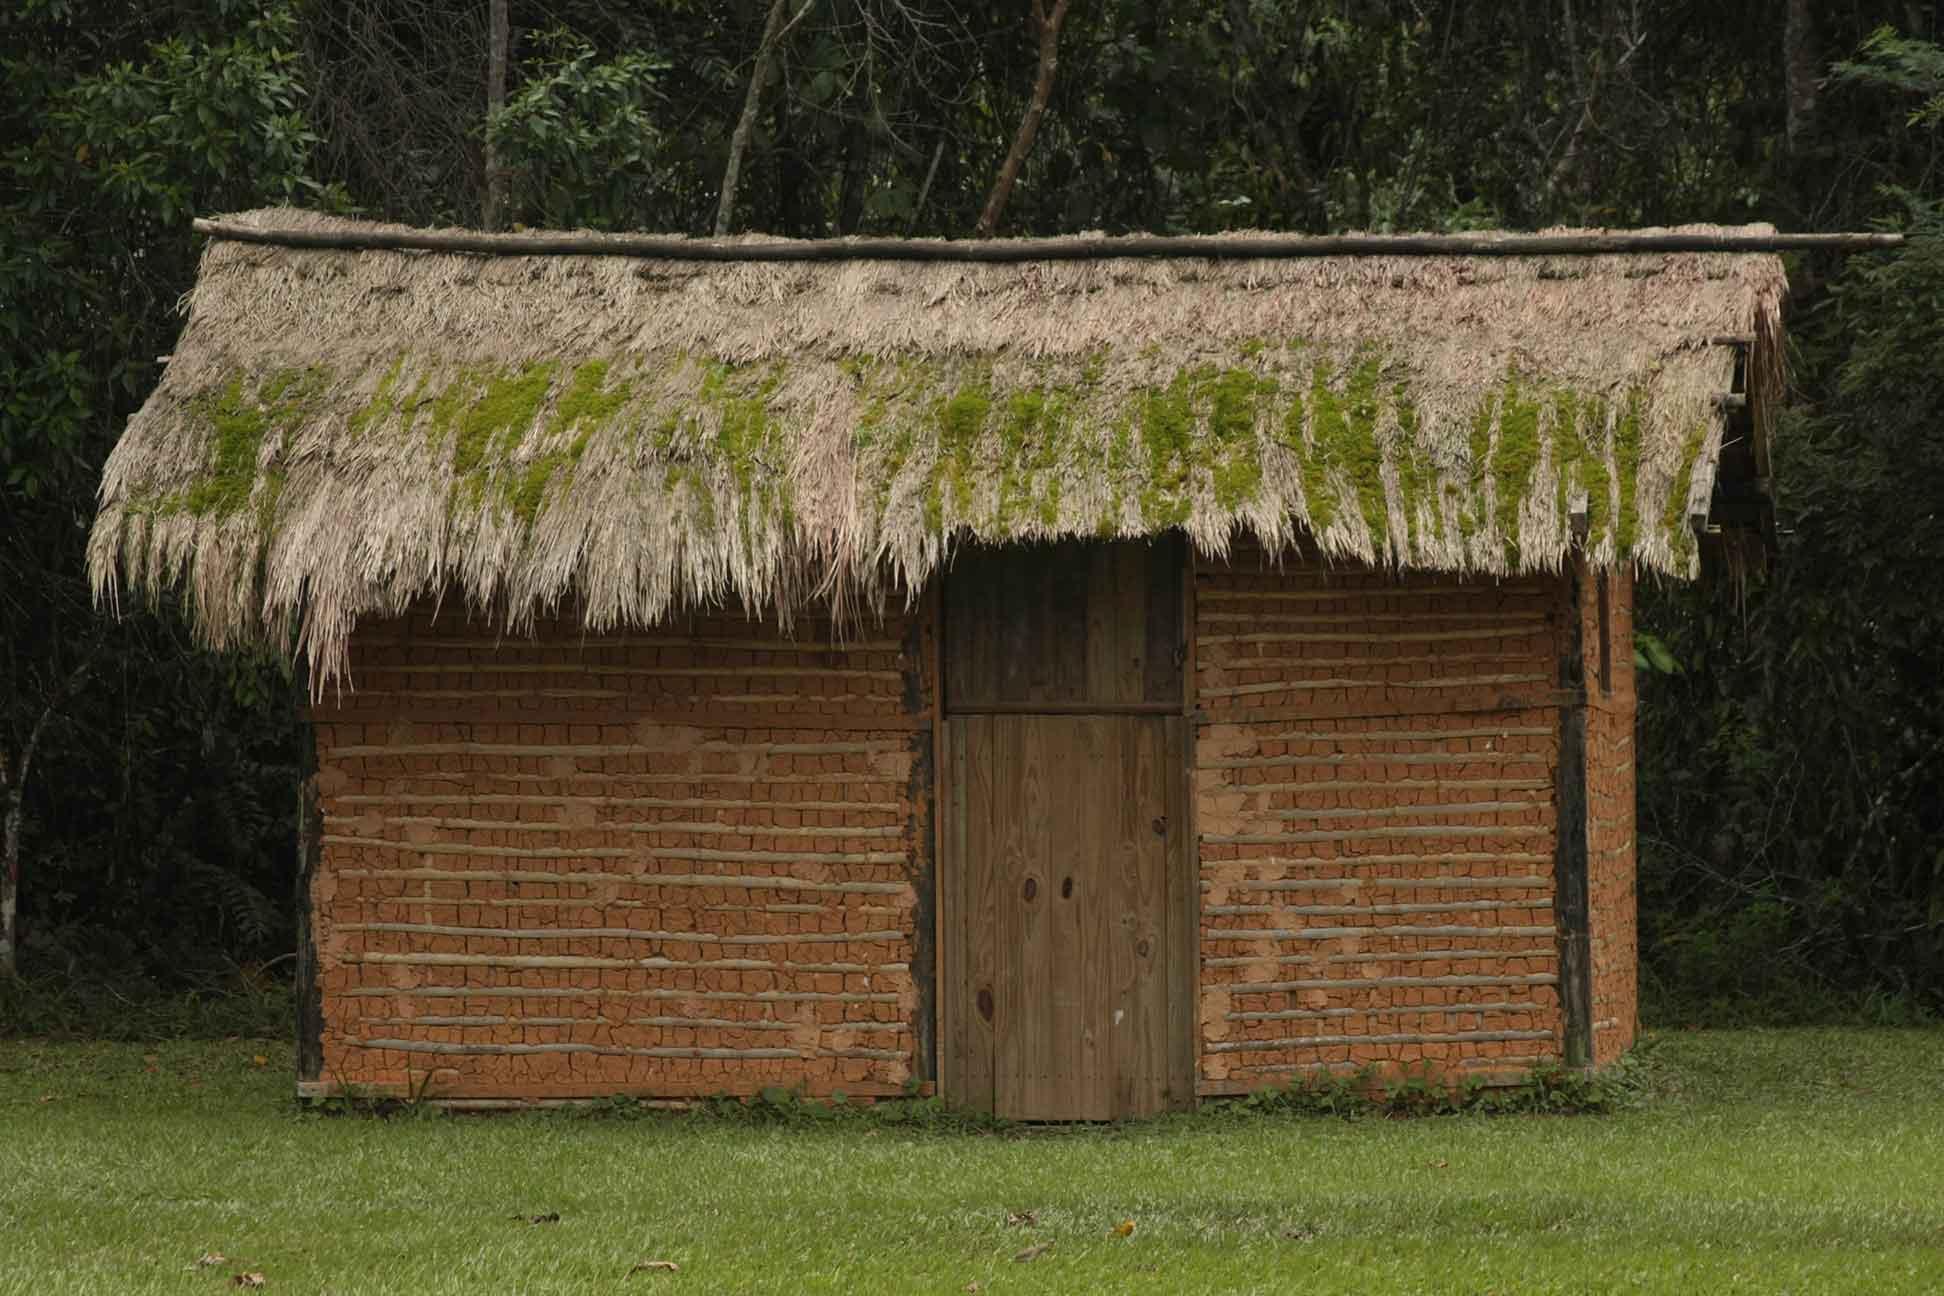 Ubatuba - Taipa de pilão